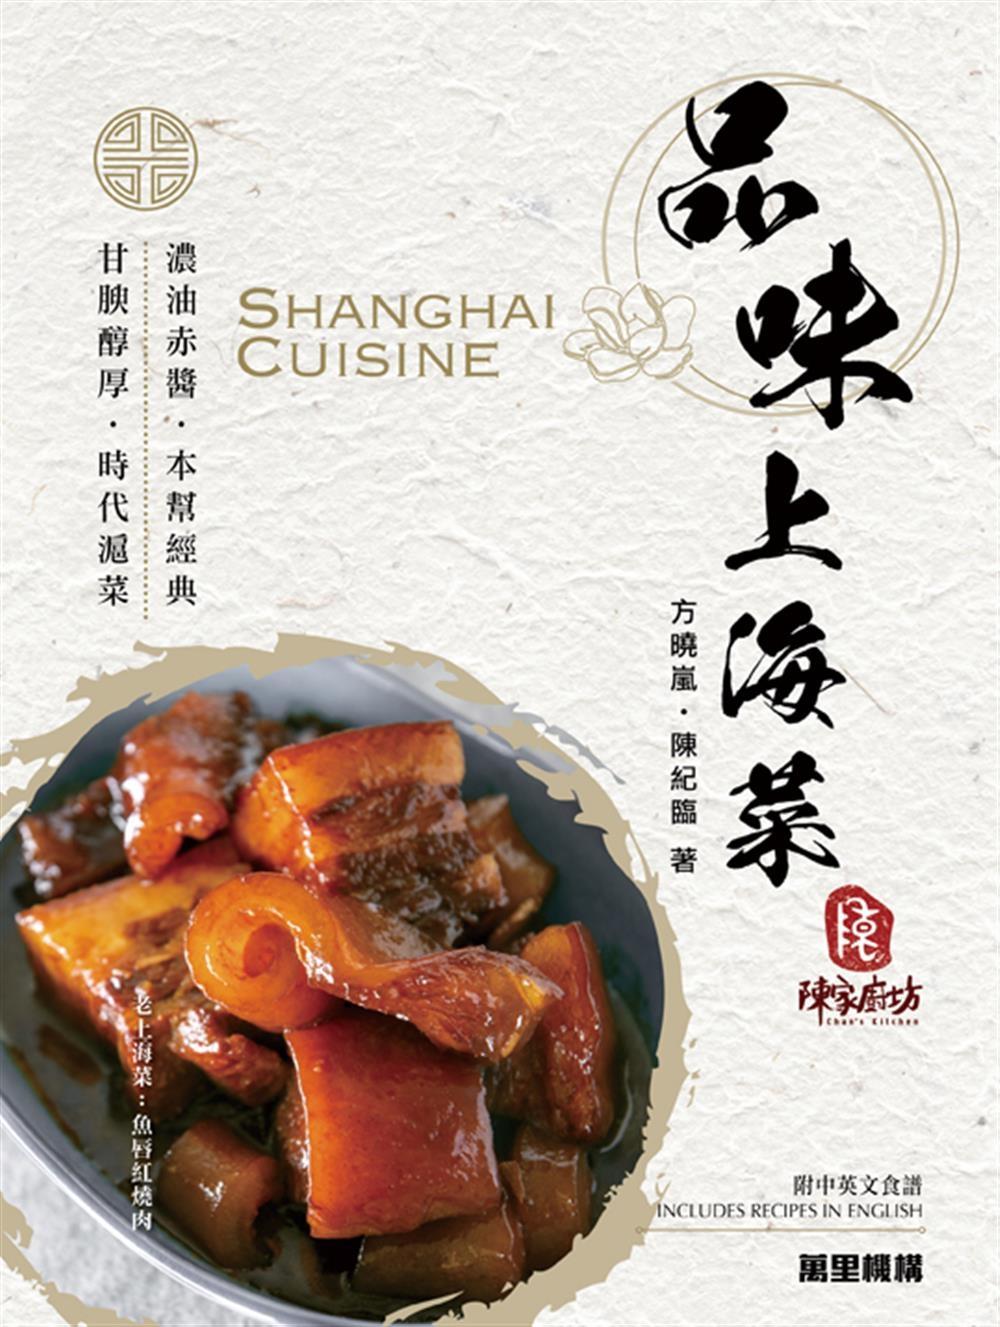 品味上海菜